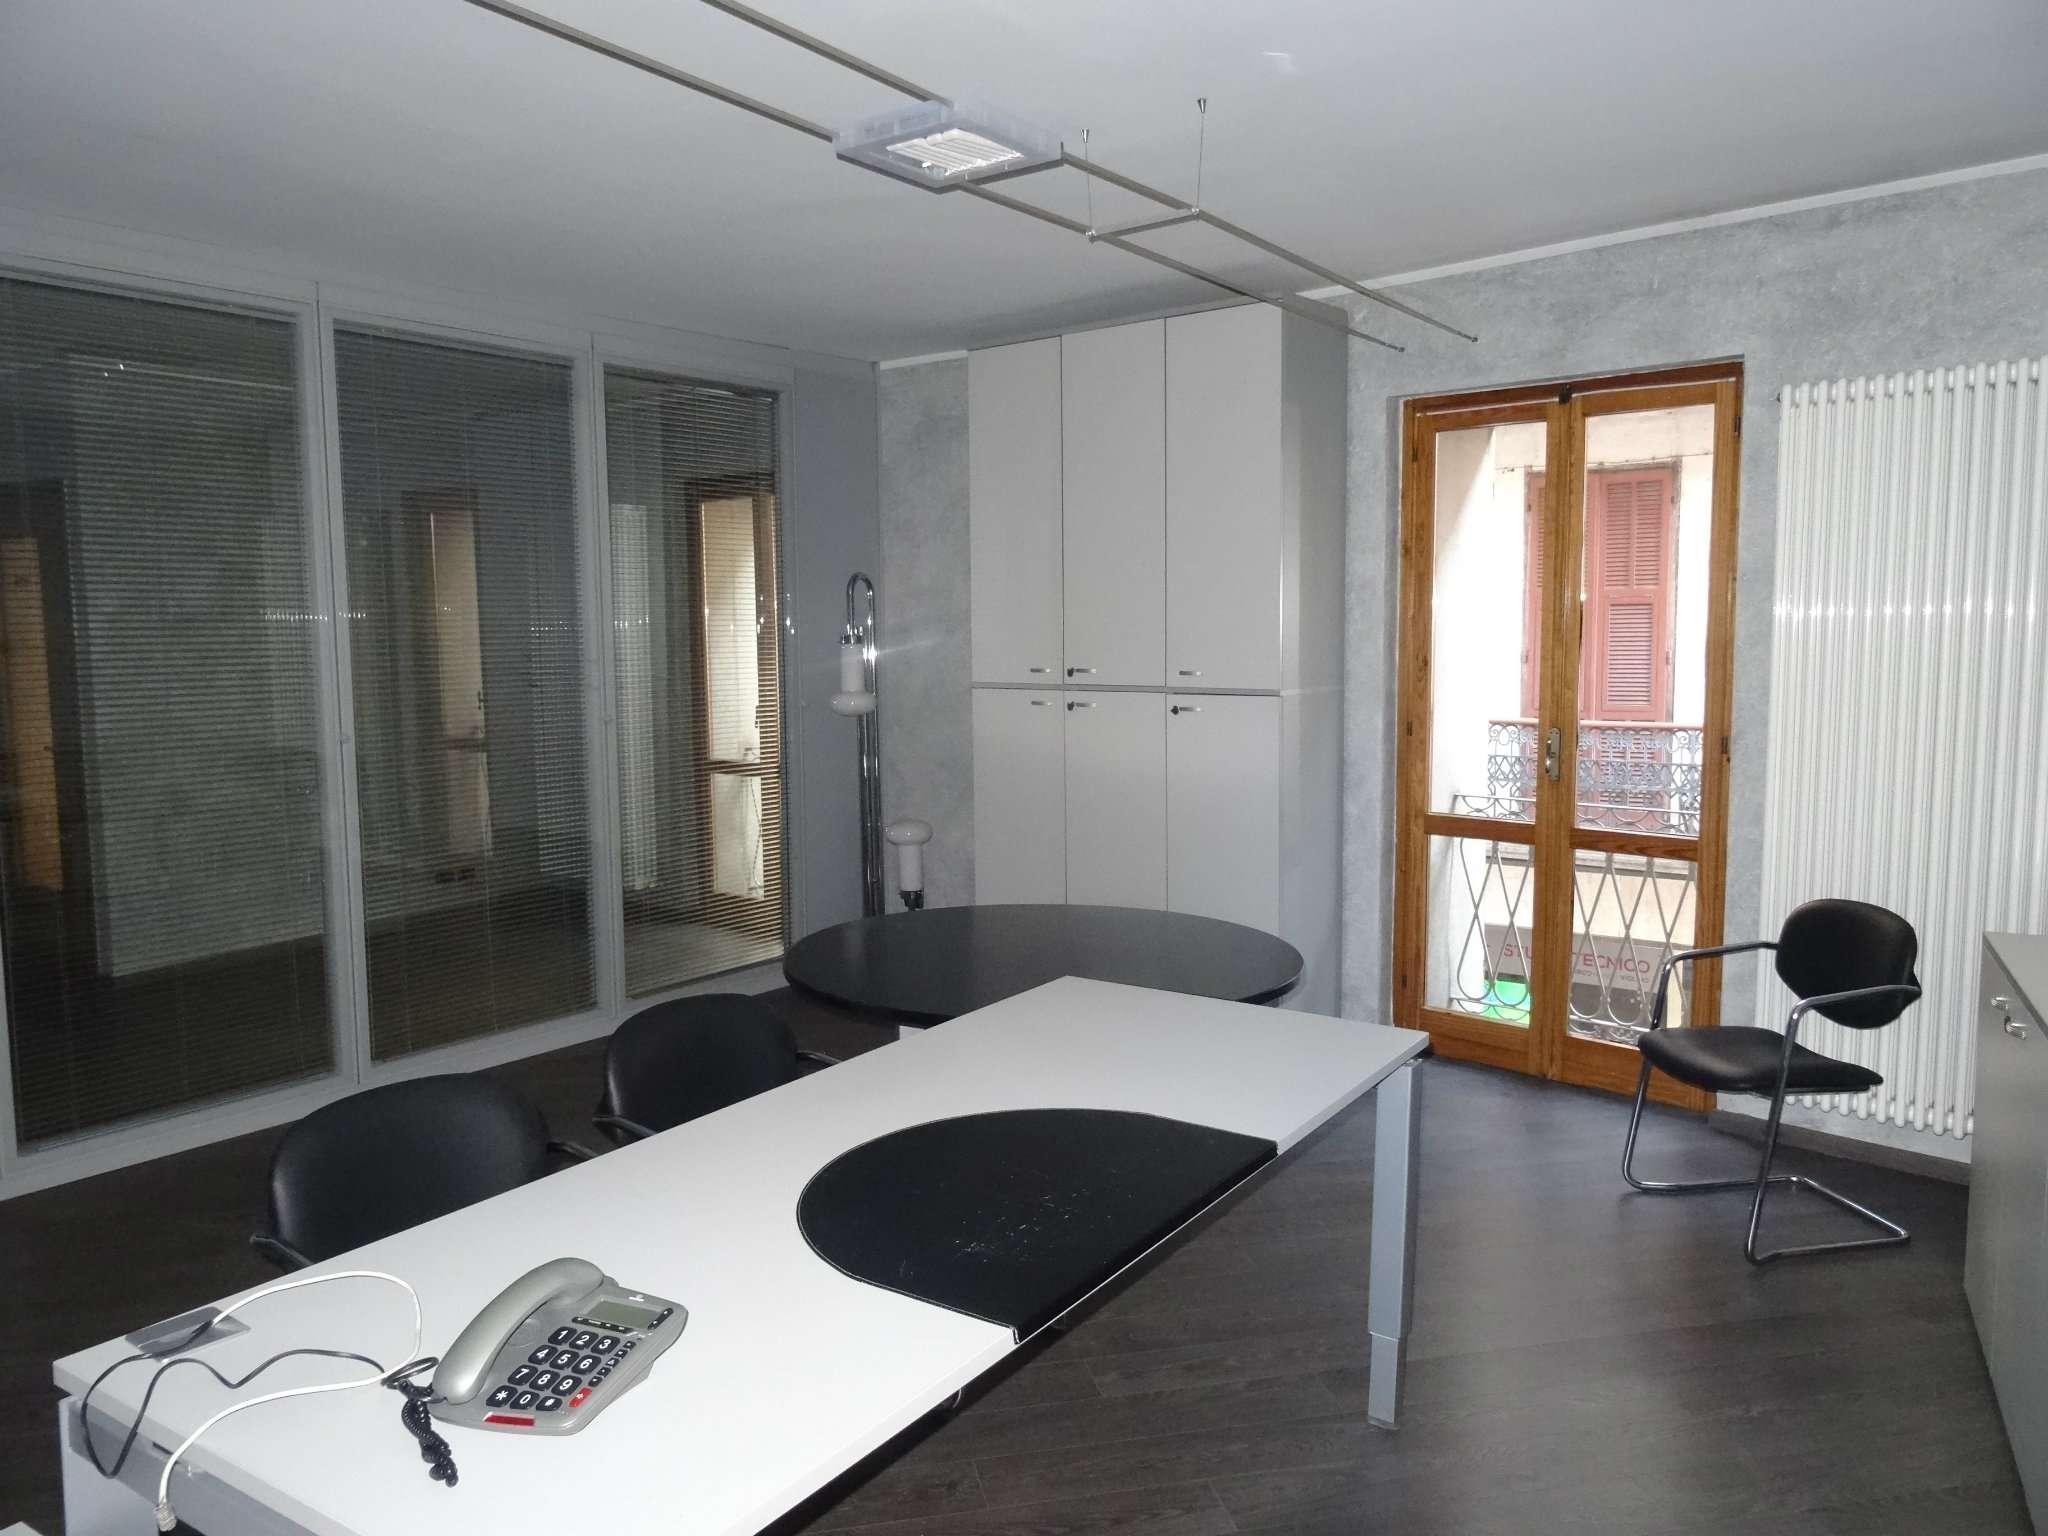 Ufficio / Studio in vendita a Mondovì, 3 locali, prezzo € 45.000 | CambioCasa.it